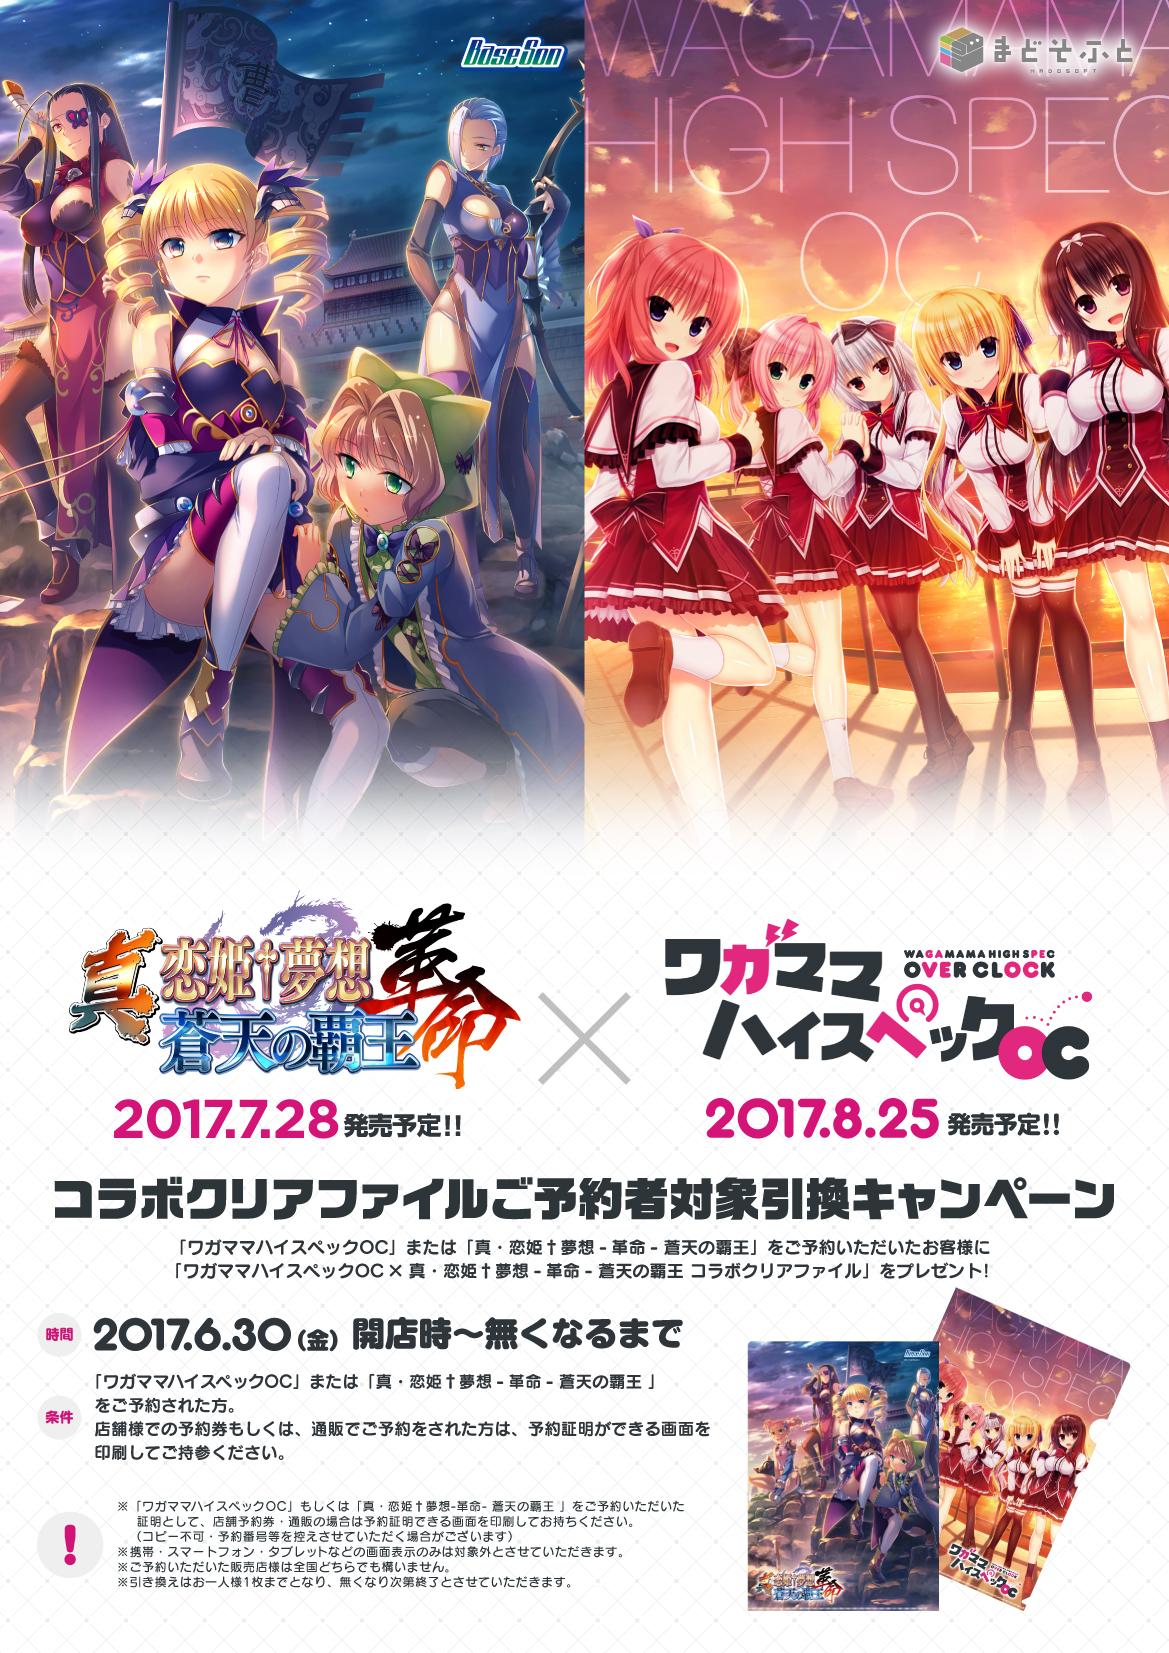 ワガハイOC×恋姫クリアファイルキャンペーン_POP.jpg